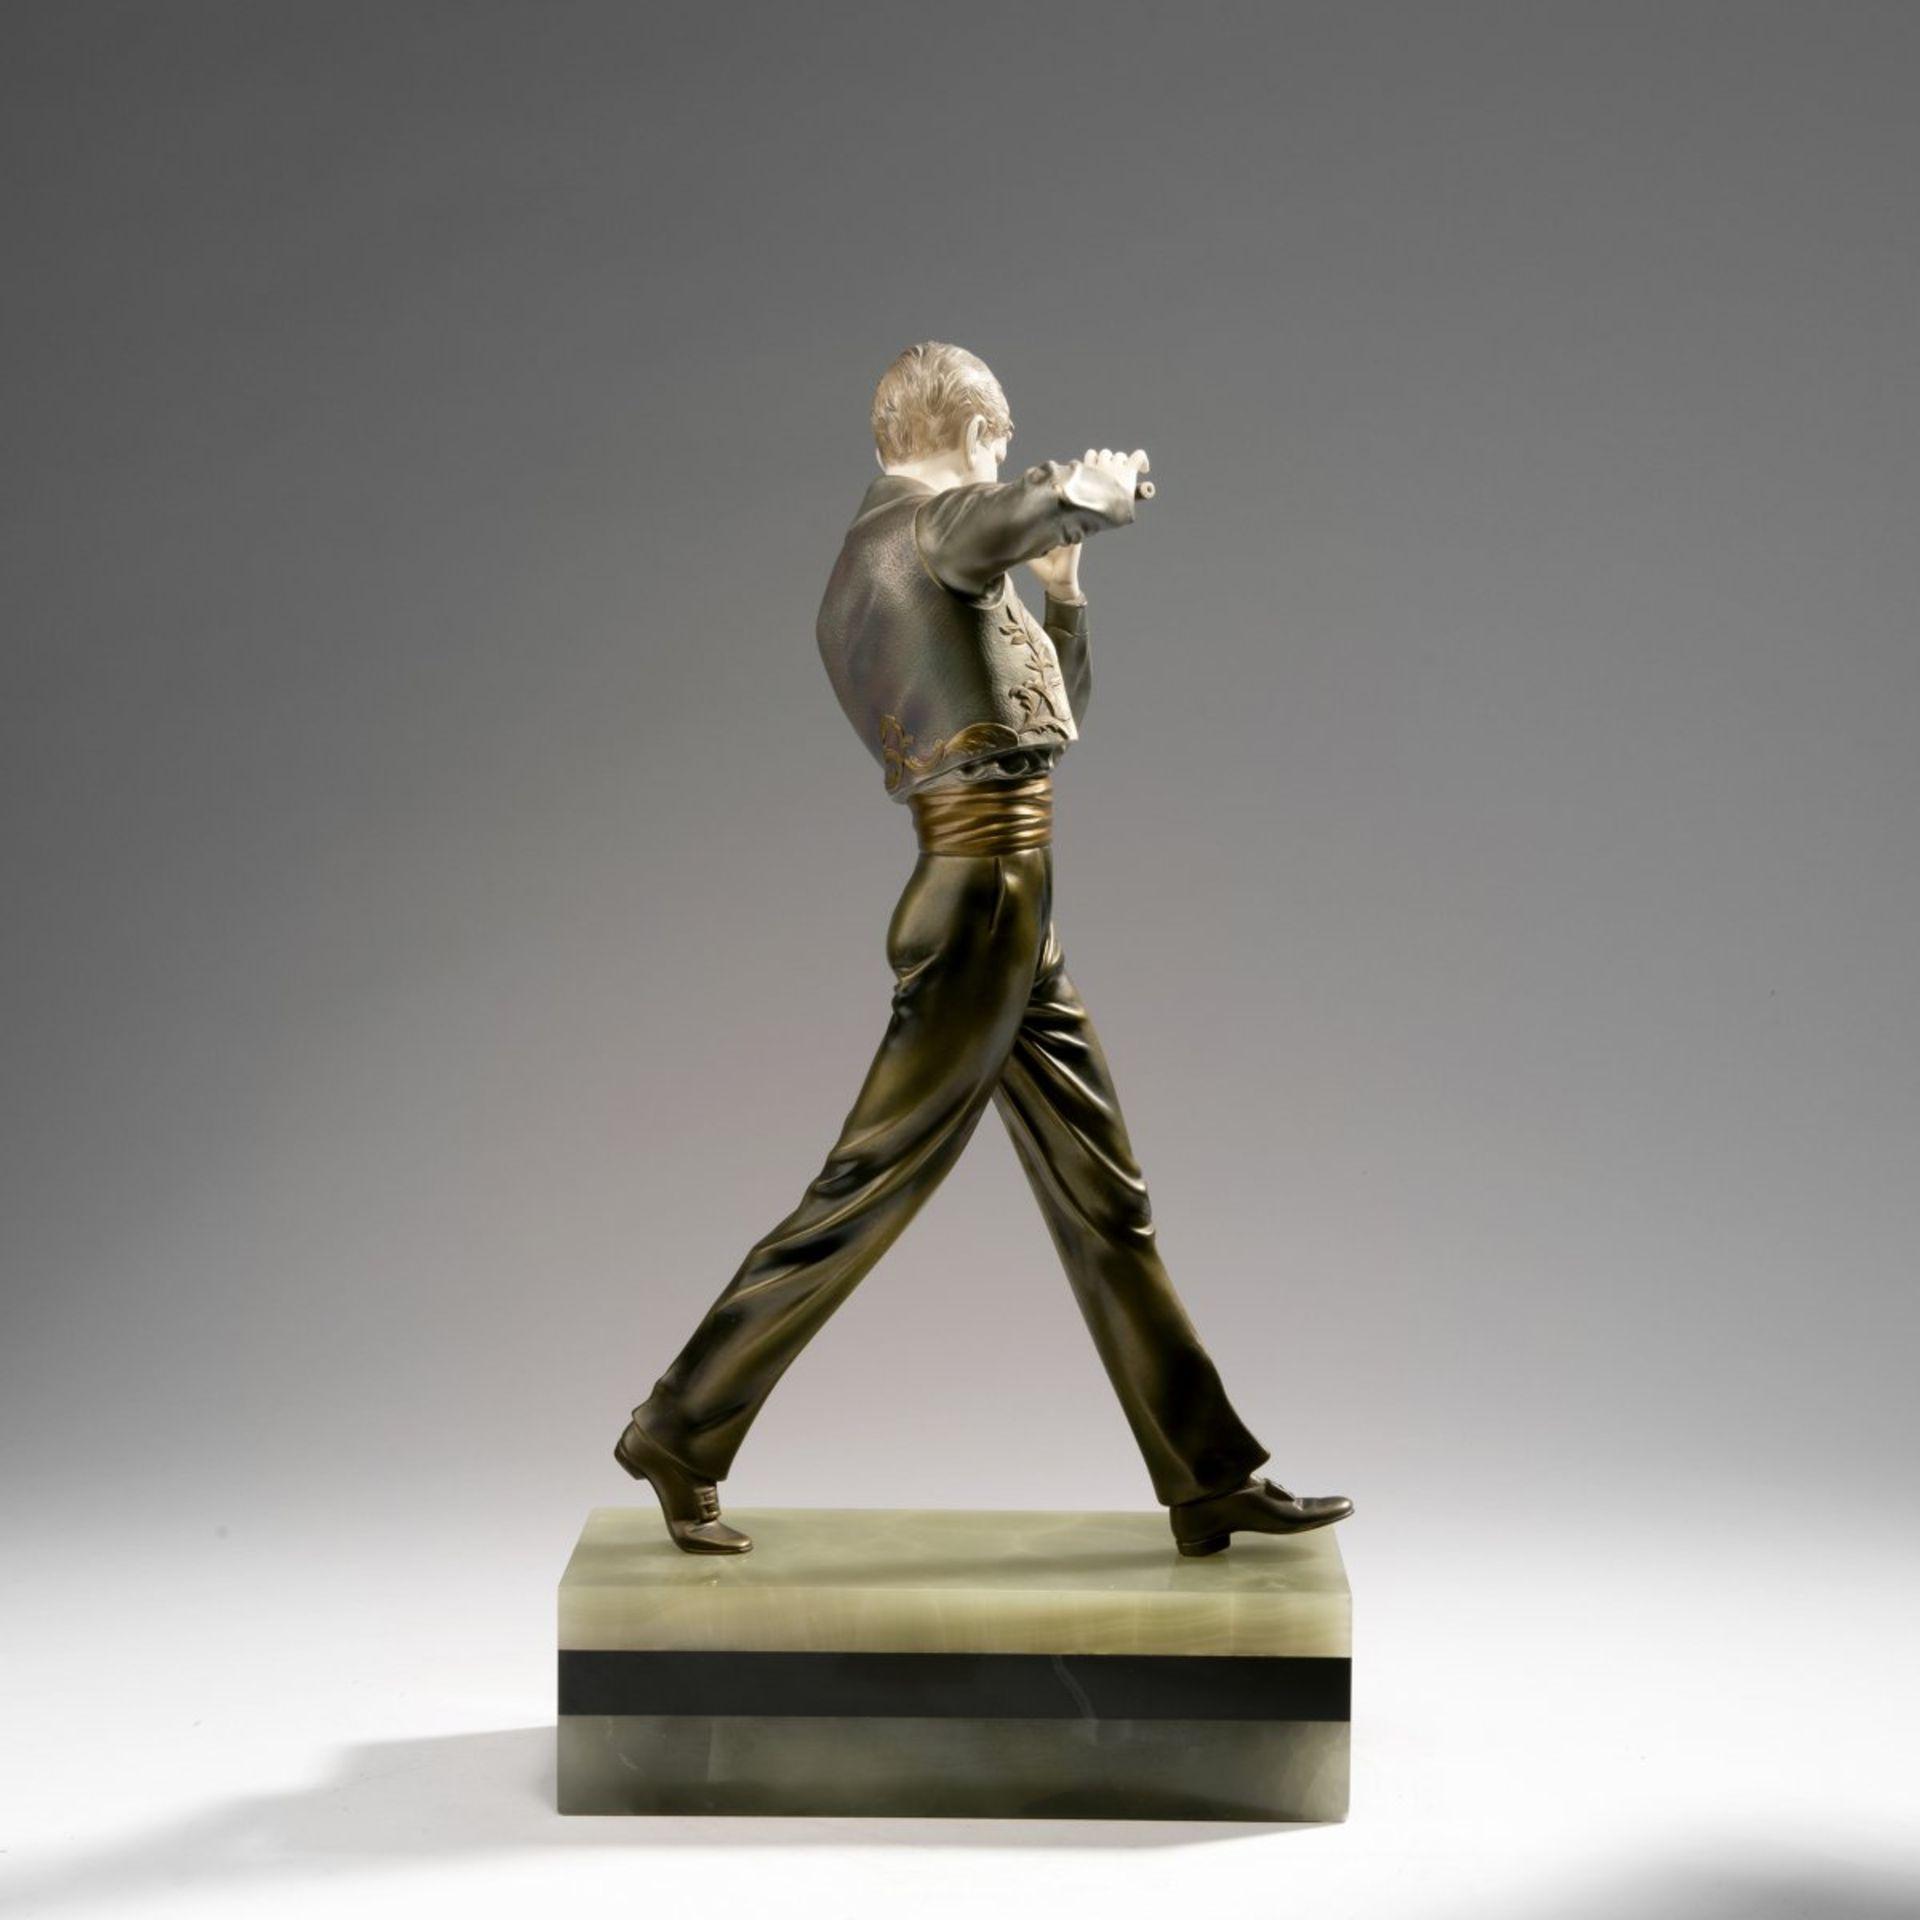 Ferdinand Preiss, 'Flötenspieler', um 1930 - Bild 10 aus 15